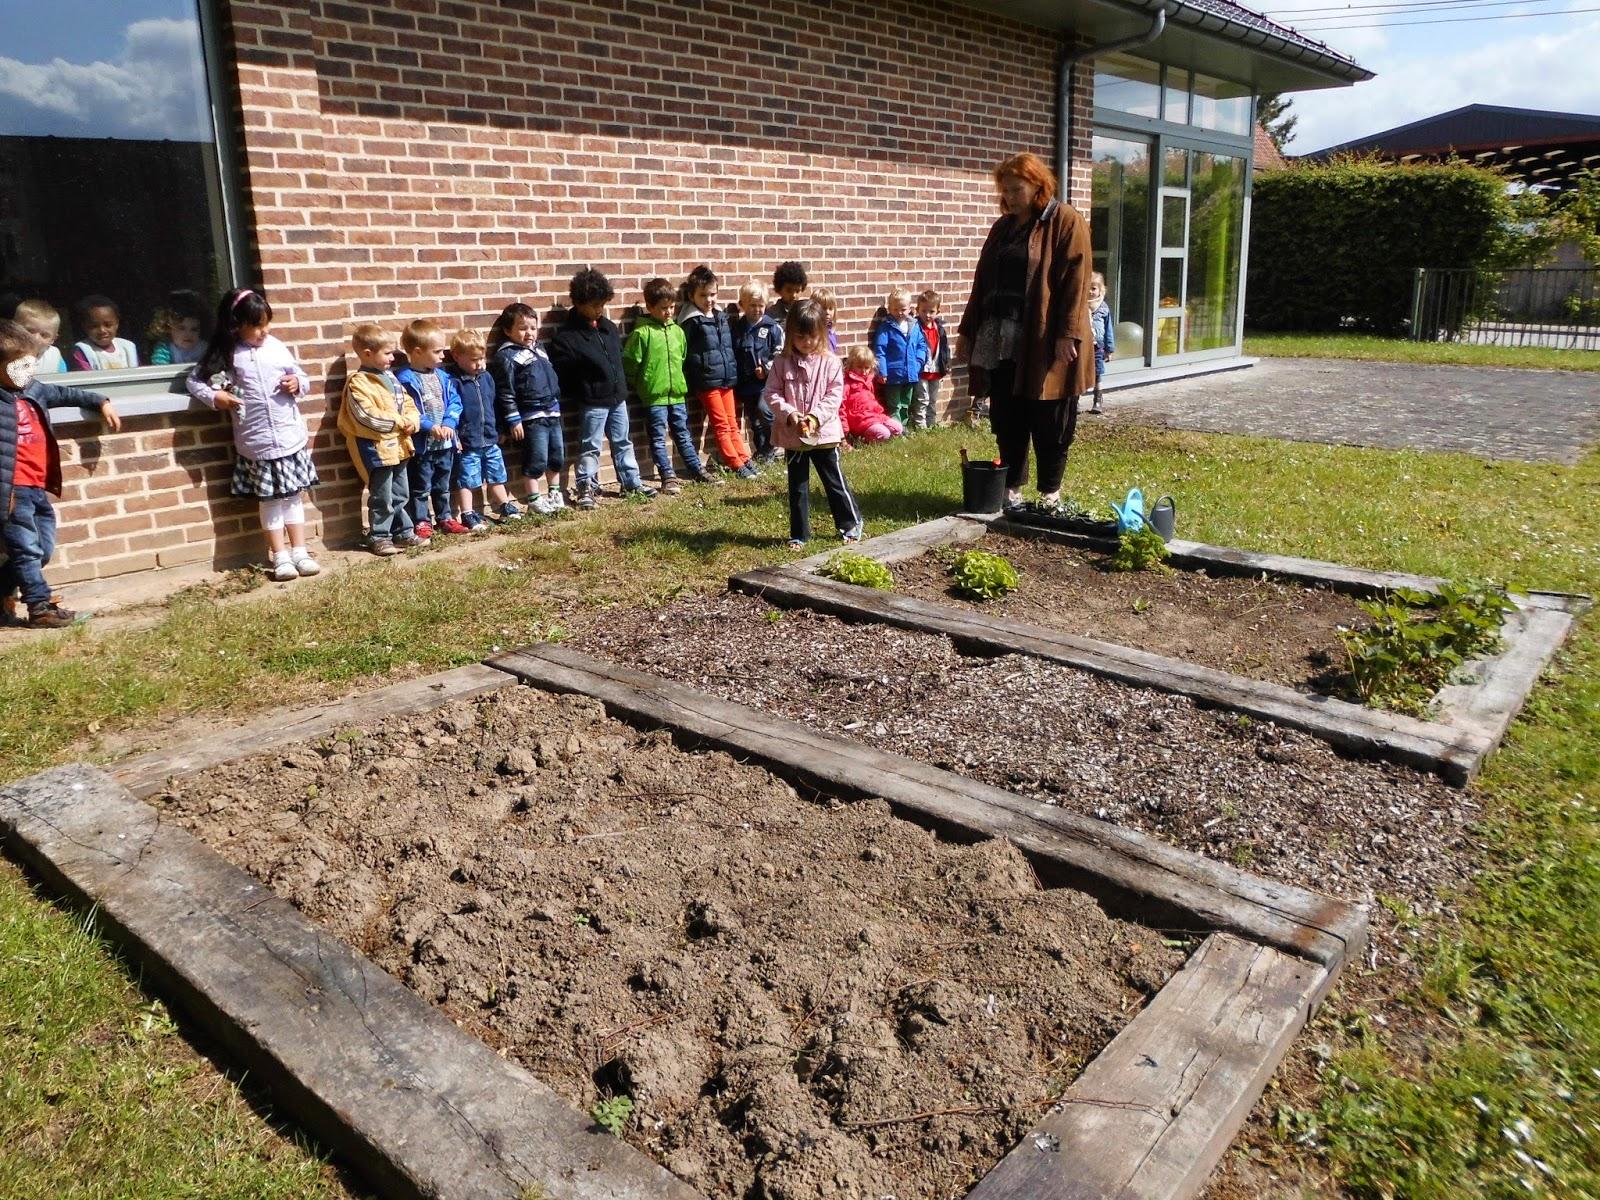 Ecole communale maternelle le nid houtaing jeudi 15 mai plantation dans le jardin for Jardin plantation